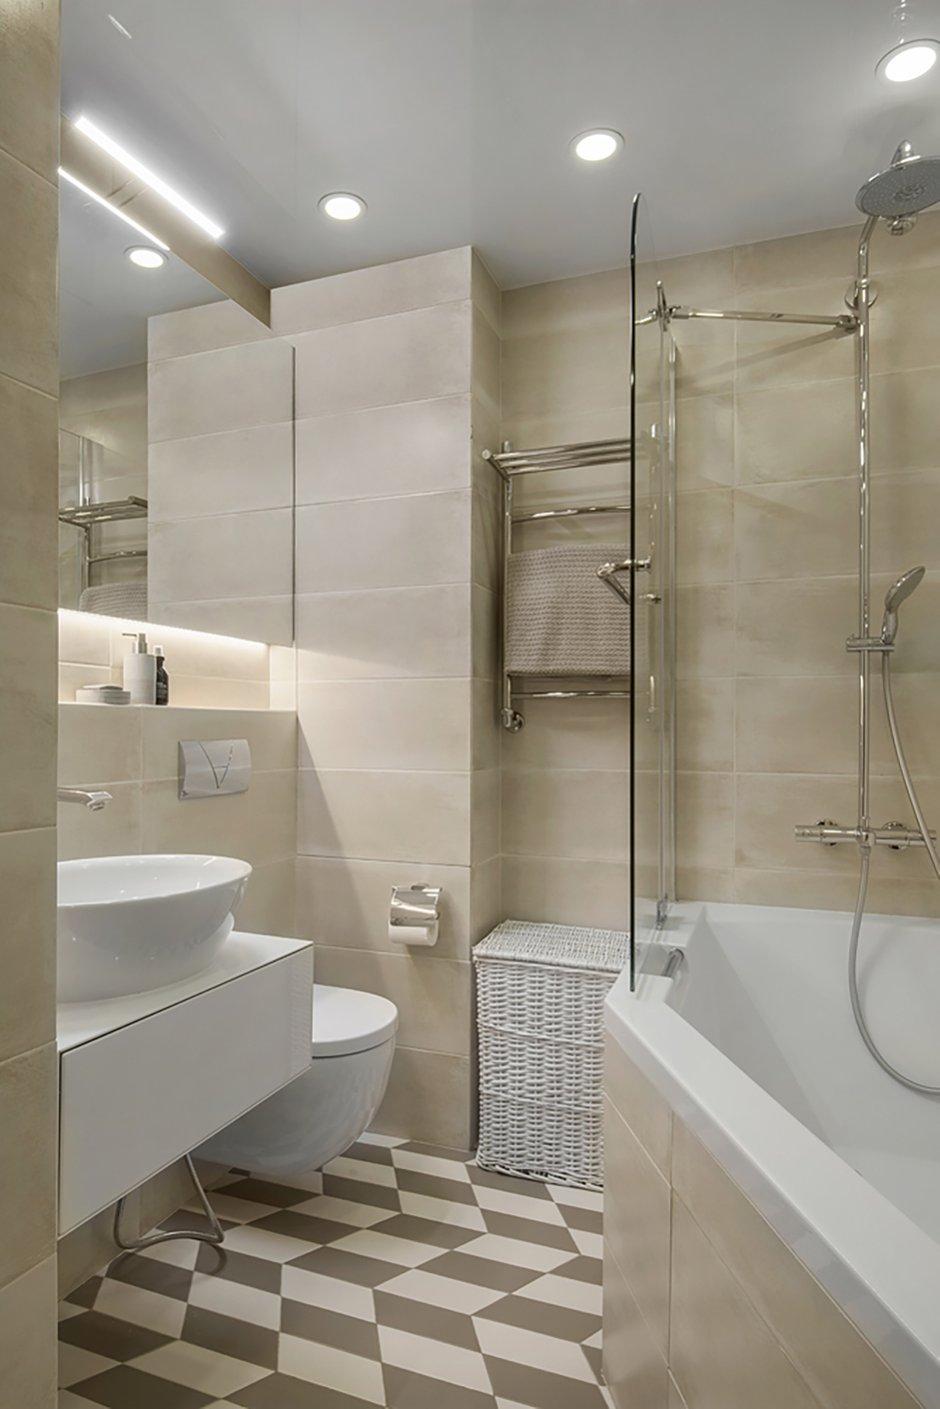 Фотография: Ванная в стиле Современный, Квартира, Проект недели, Москва, Панельный дом, 3 комнаты, 40-60 метров, 60-90 метров, Юлия Савонова – фото на INMYROOM